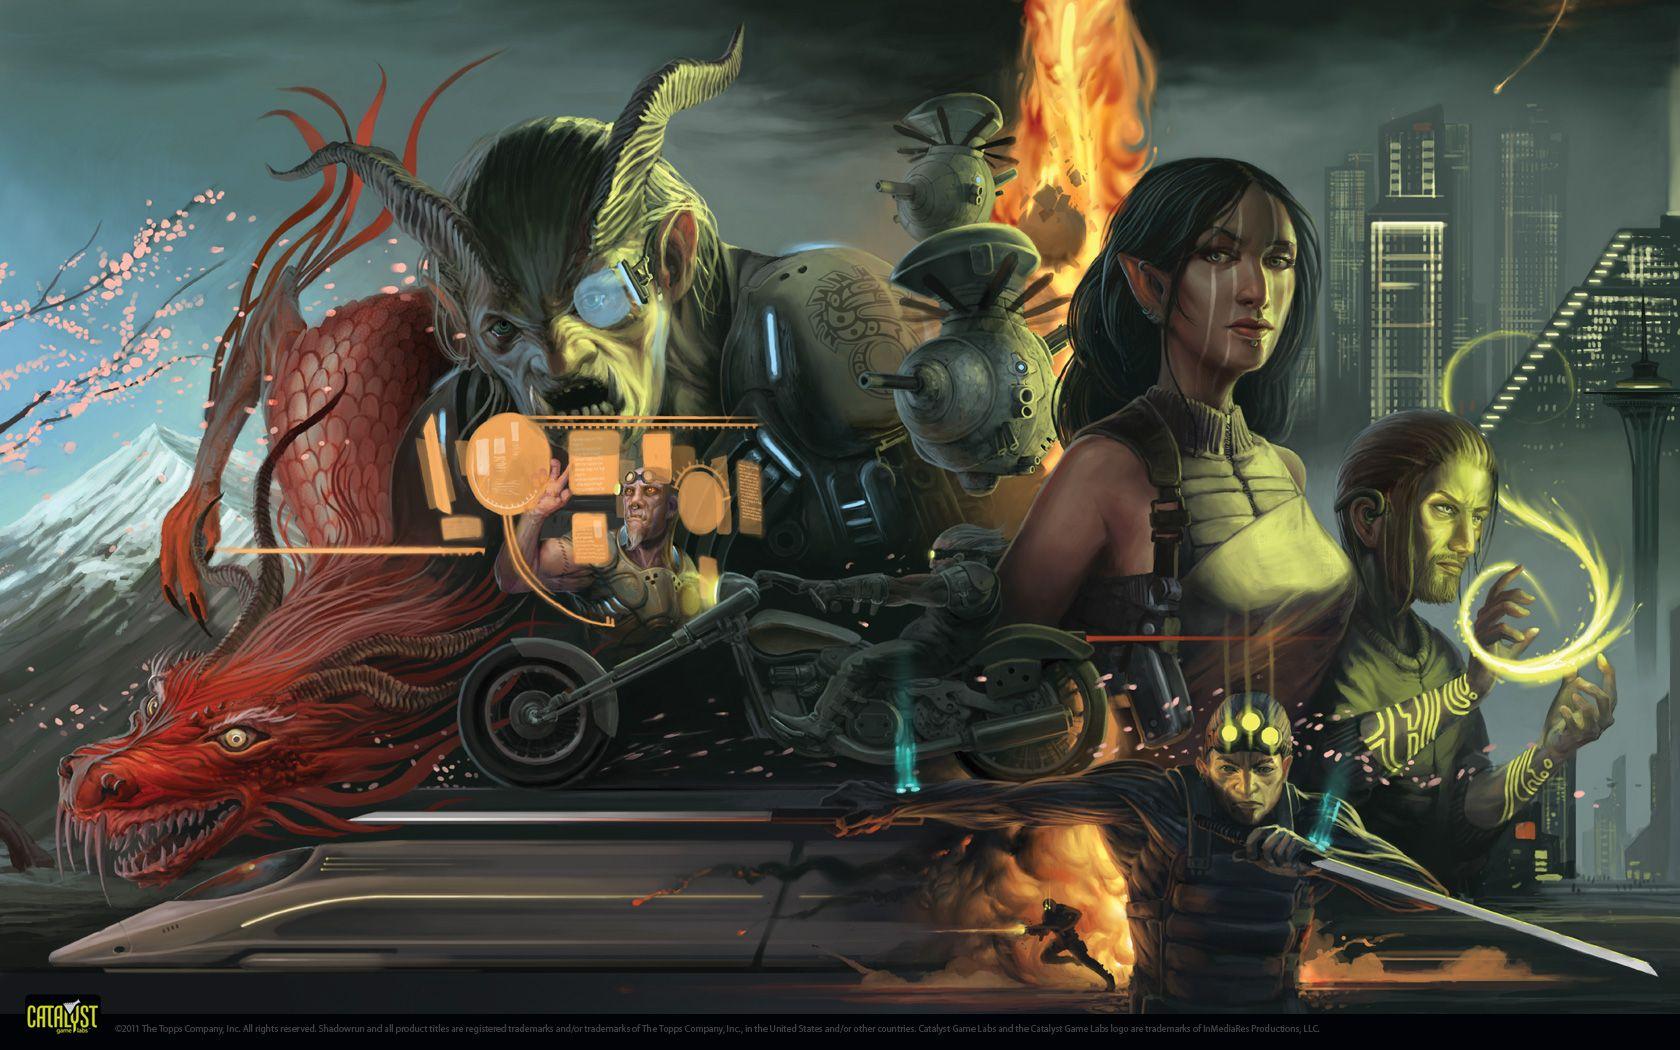 Sr4a1680x1050 Jpg 1680 1050 Shadowrun Fantasy Games Fantasy